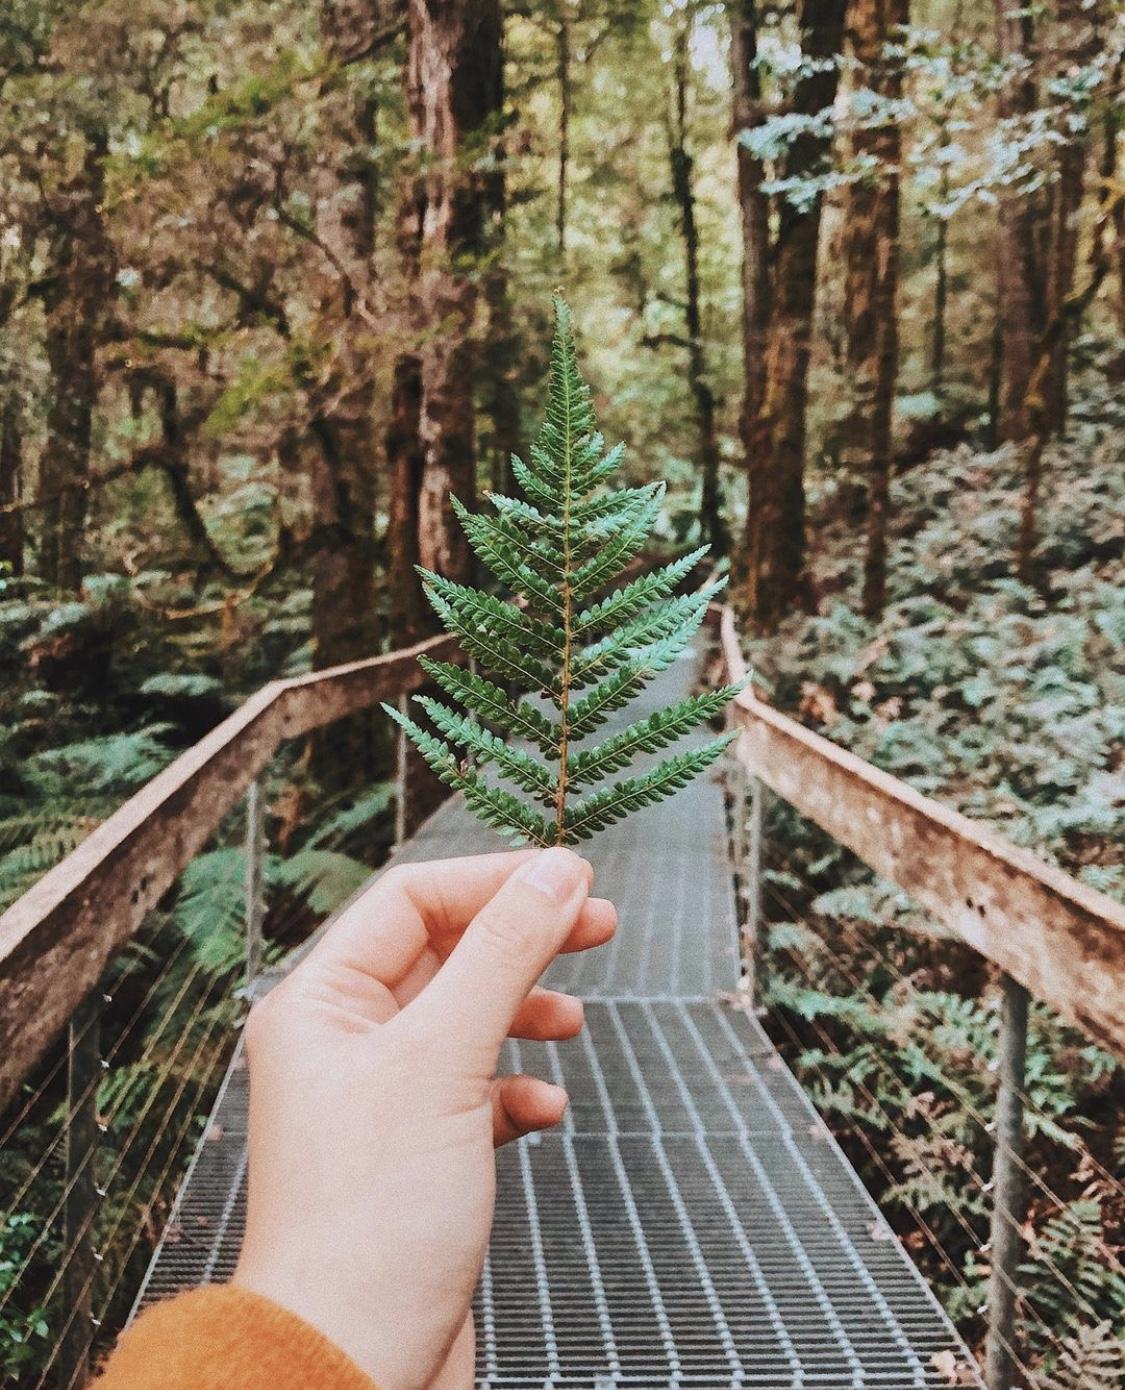 Travis Yarra Valley Guide - Mountain Ash Trees in Warburton Rainforest Galleryr